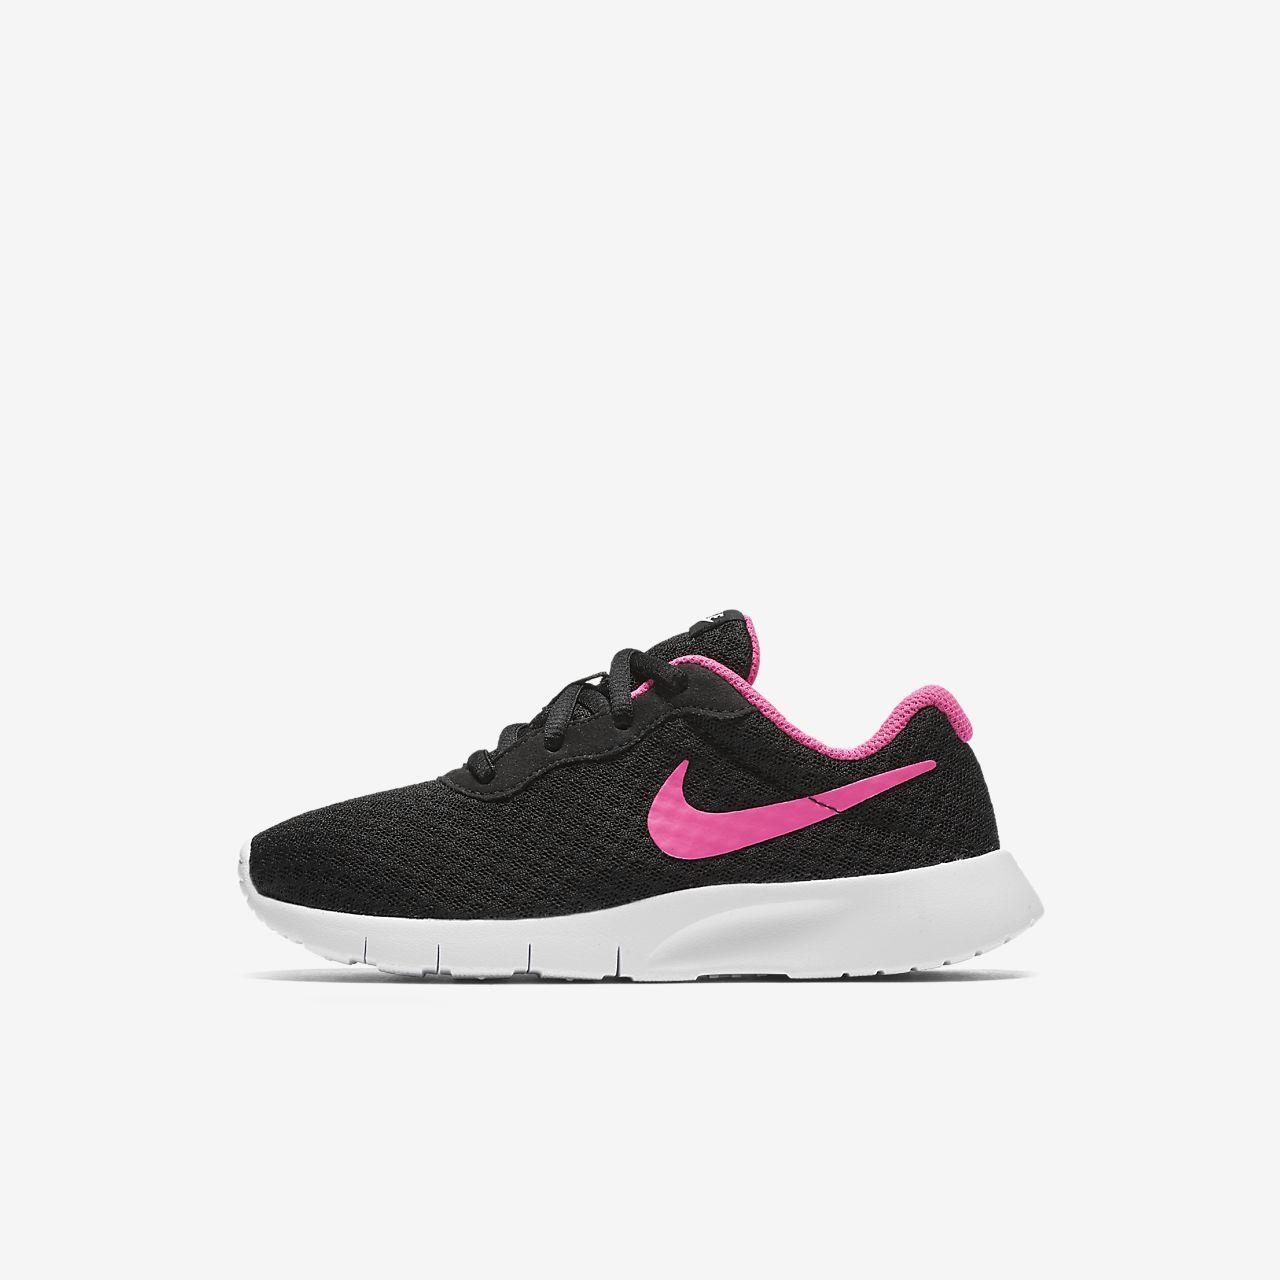 27062b8483bdc Chaussure Nike Tanjun pour Jeune enfant. Nike.com FR